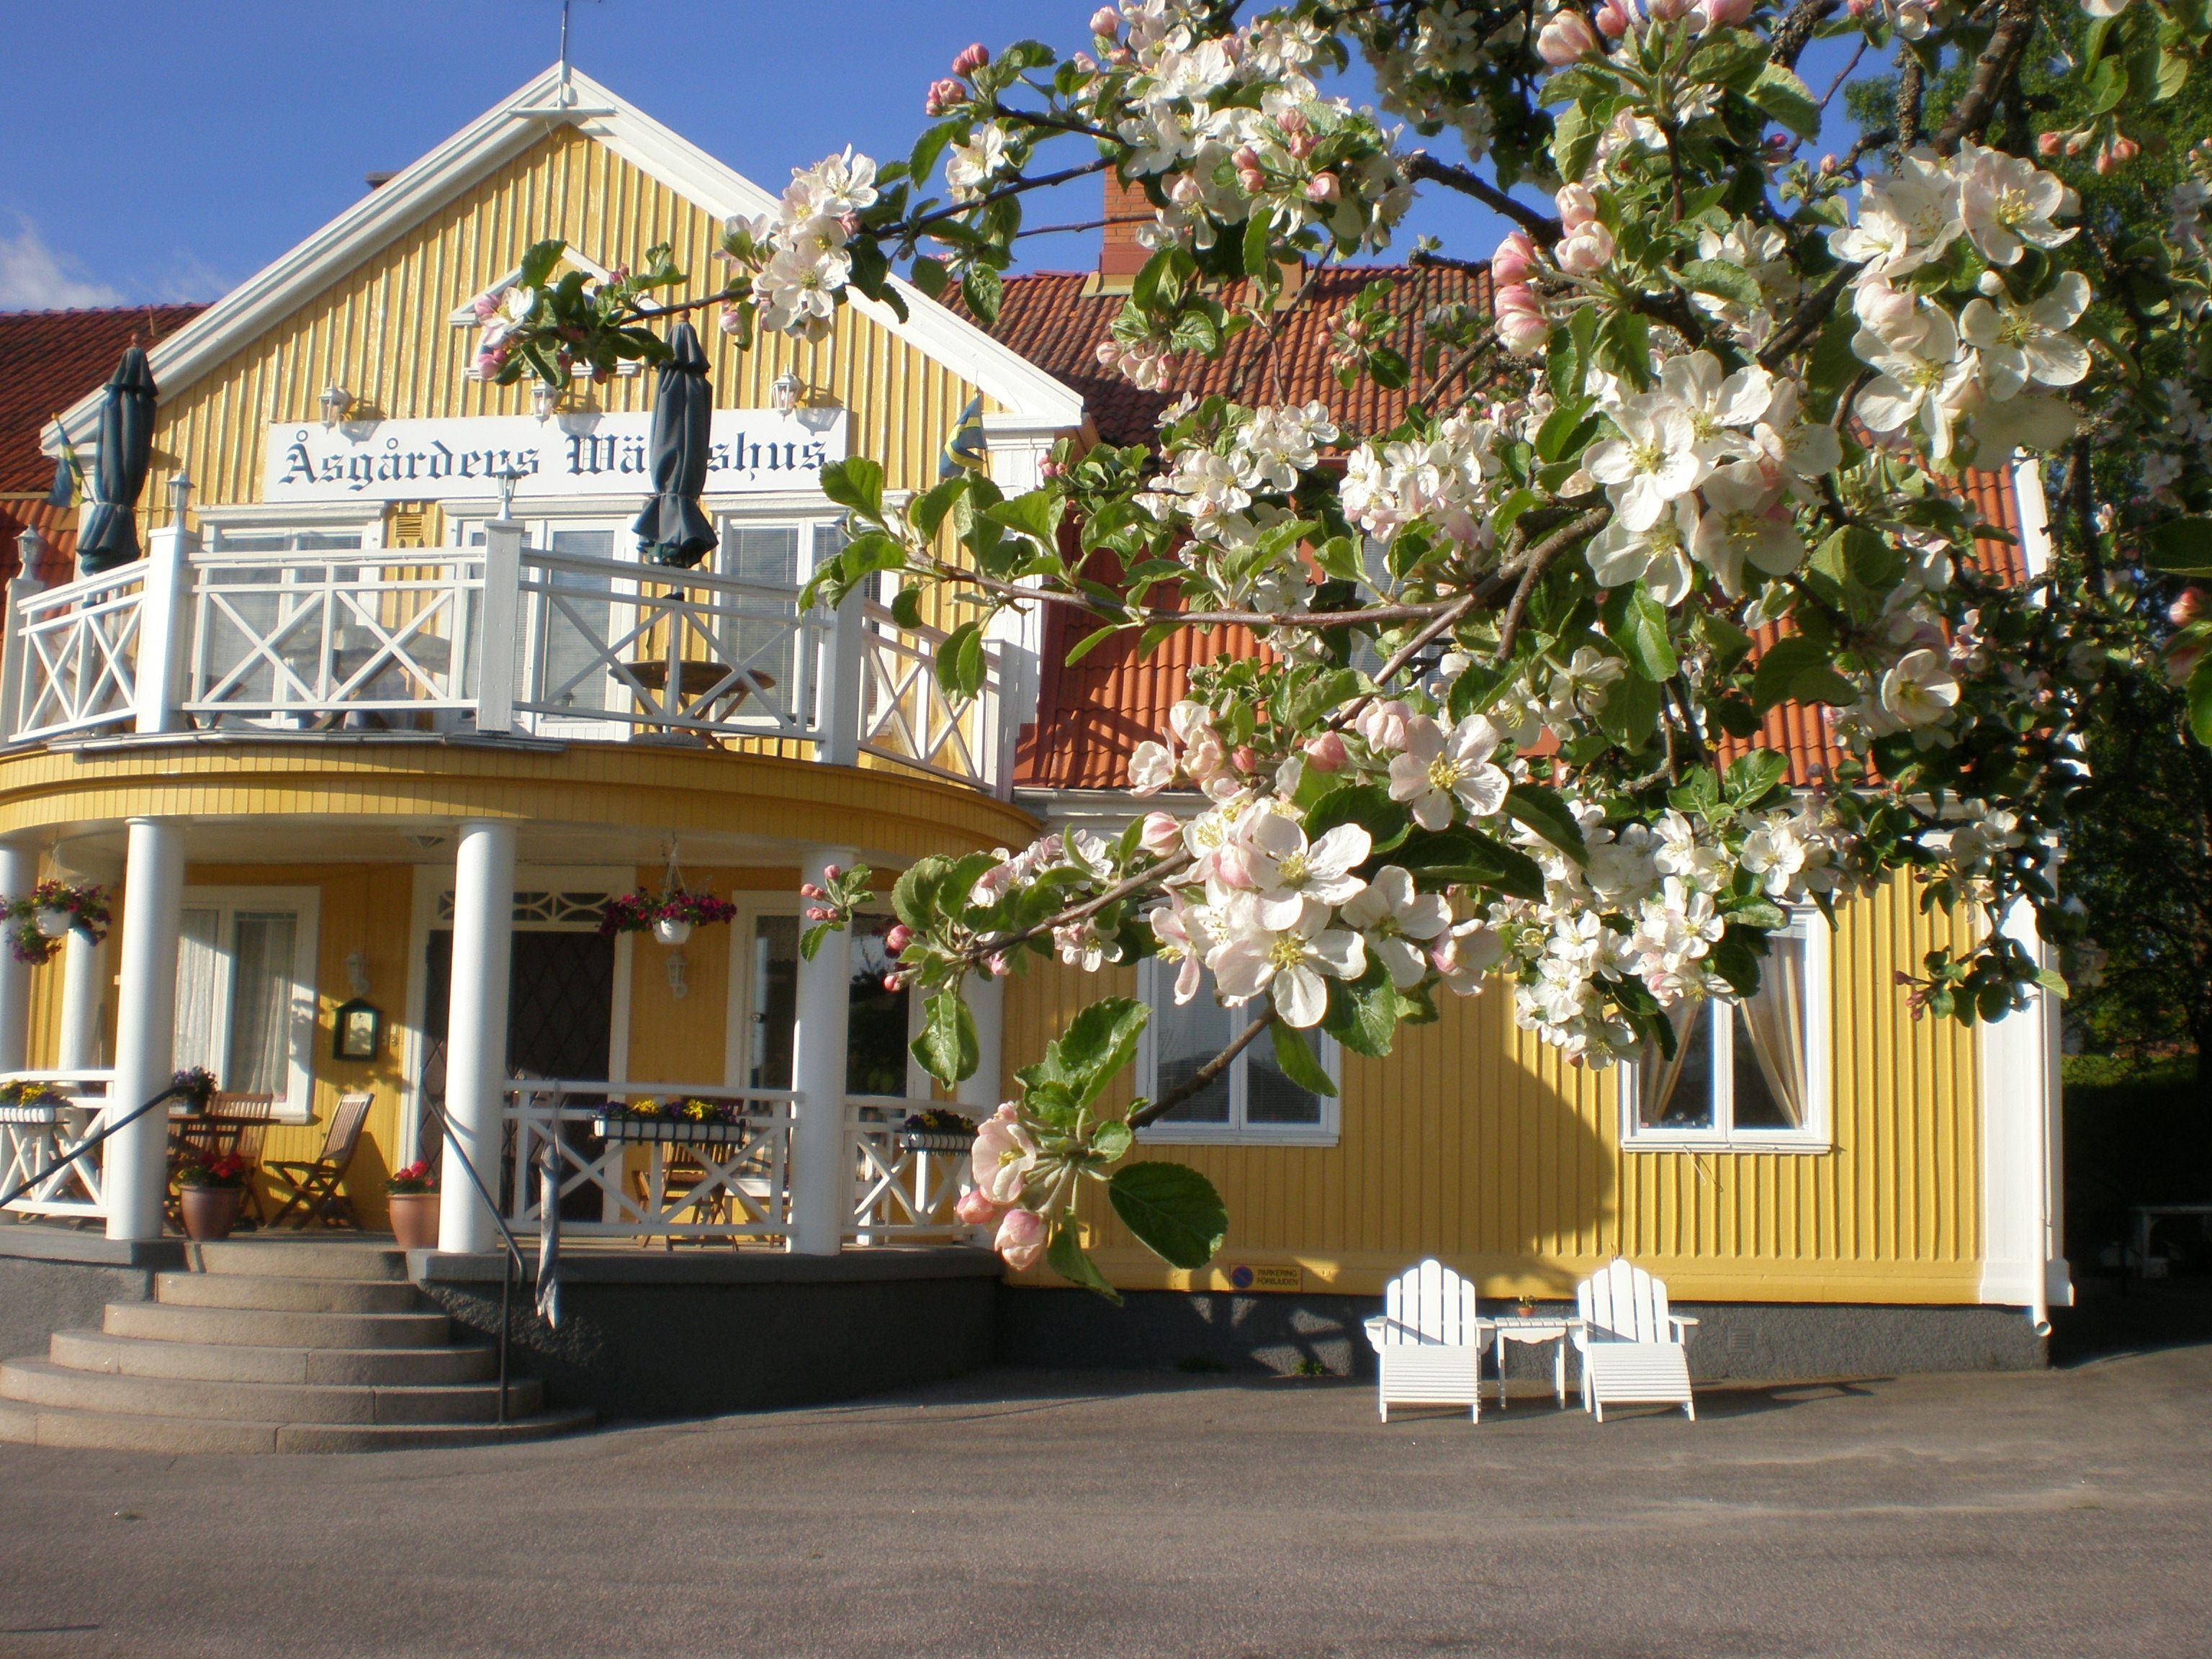 Åsgårdens Wärdshus, Lyrestad